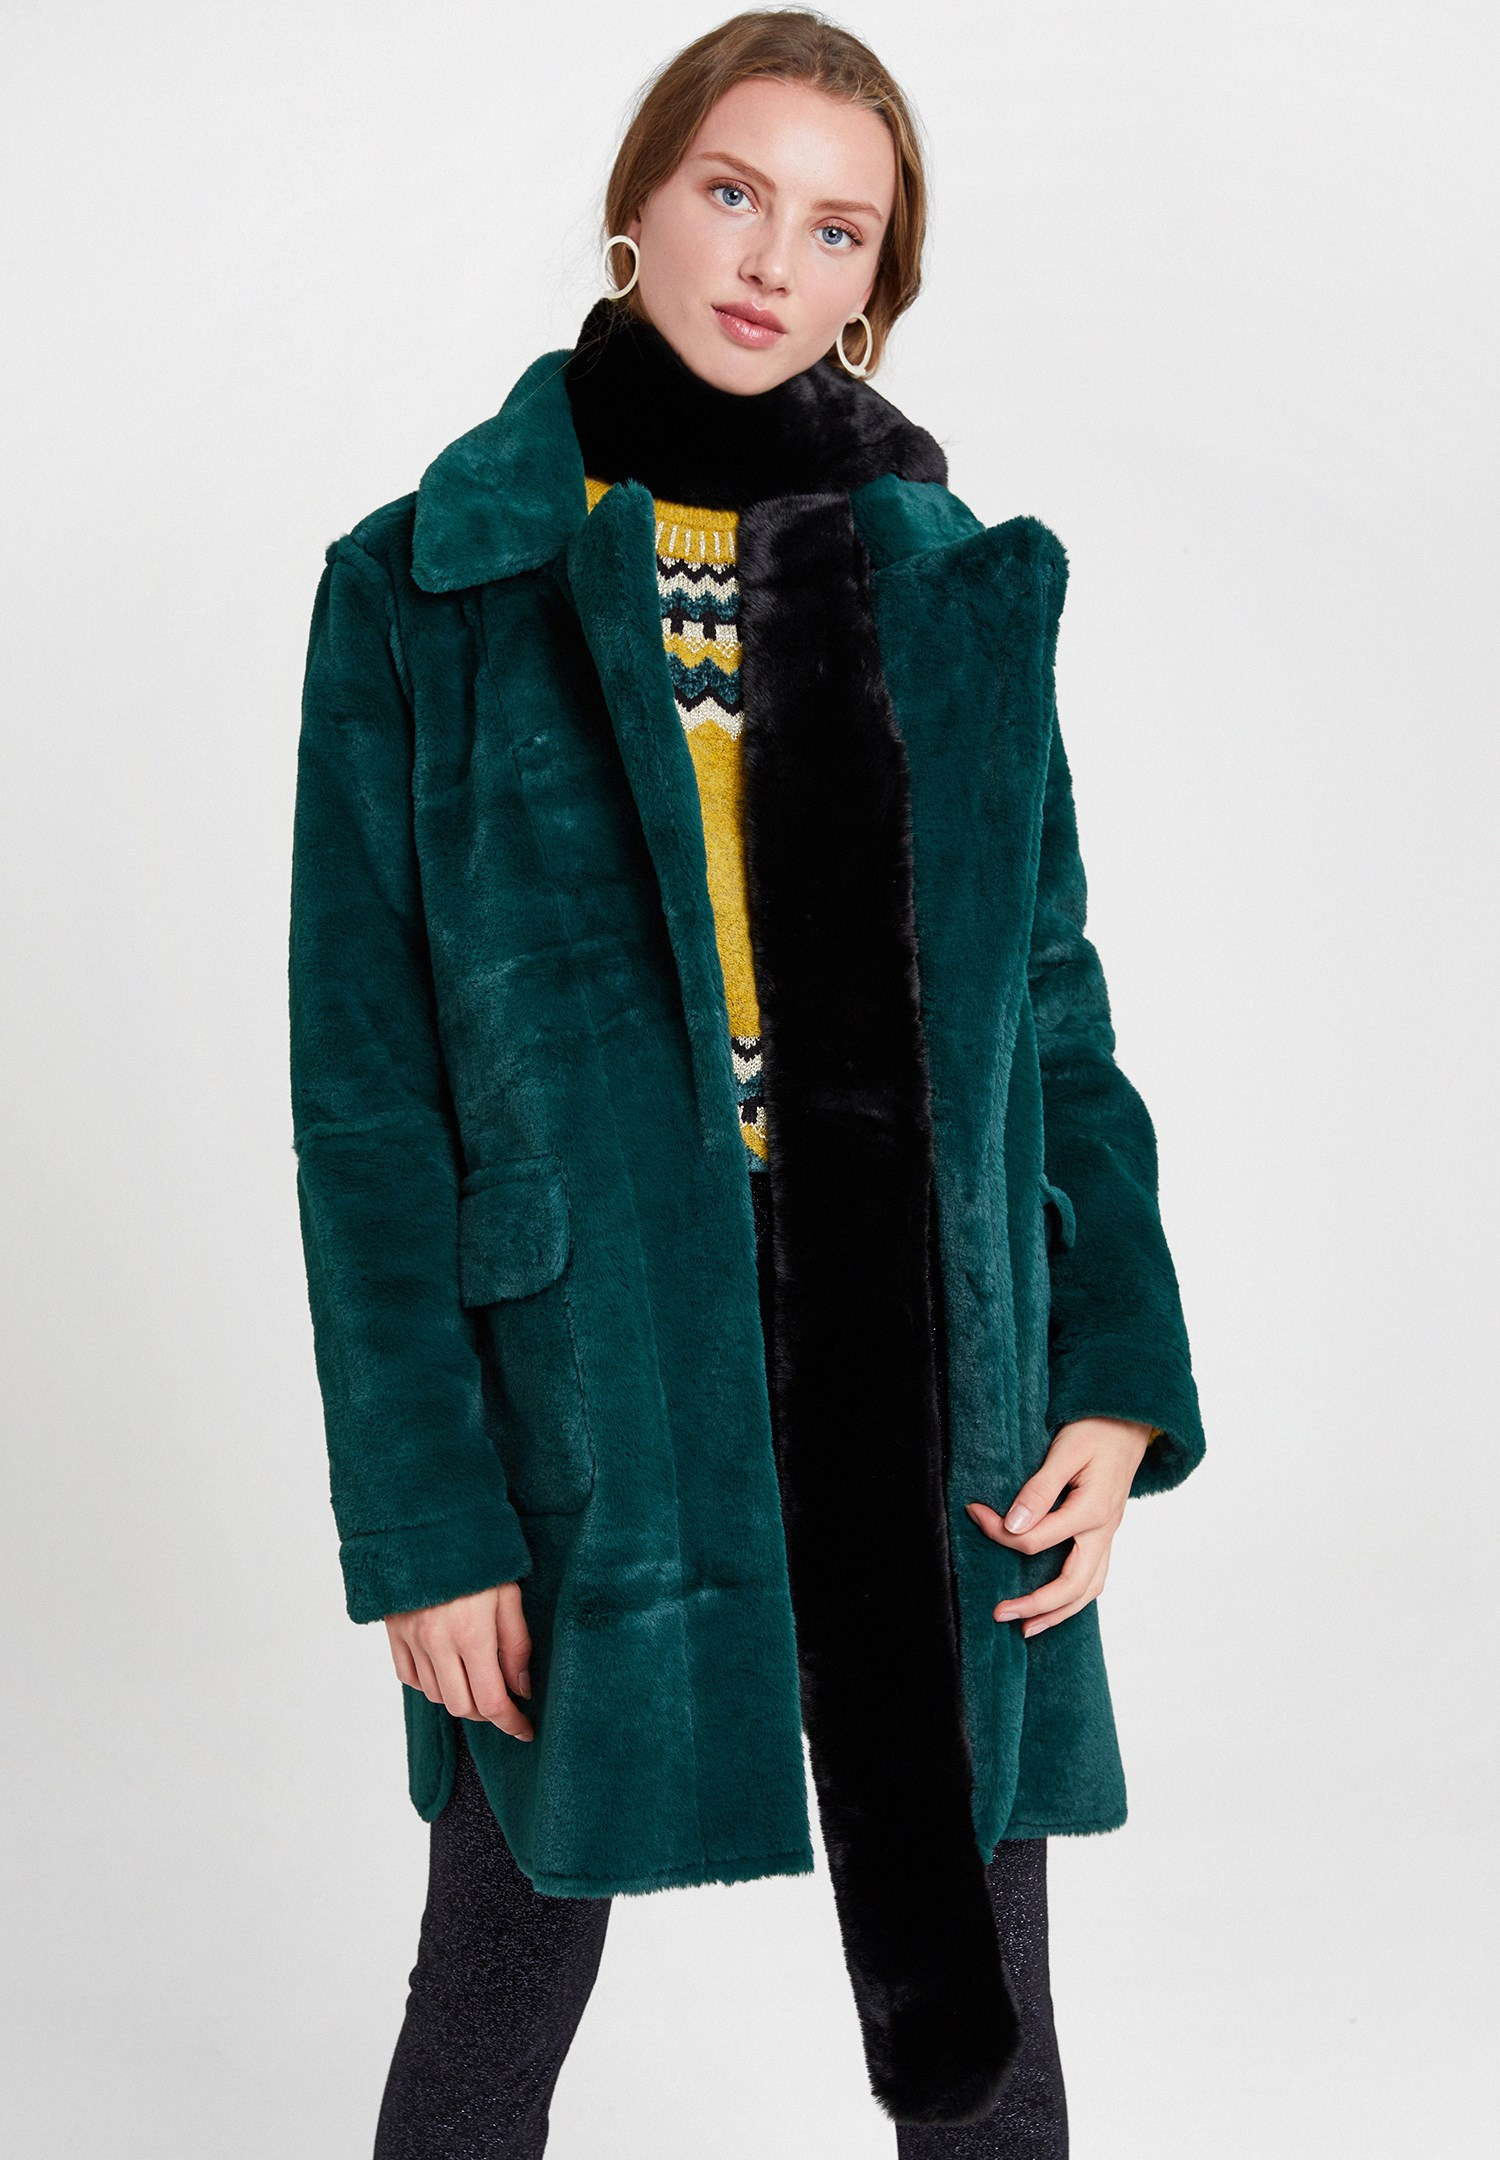 Bayan Yeşil Çift Taraflı Suni Kürk Kaban